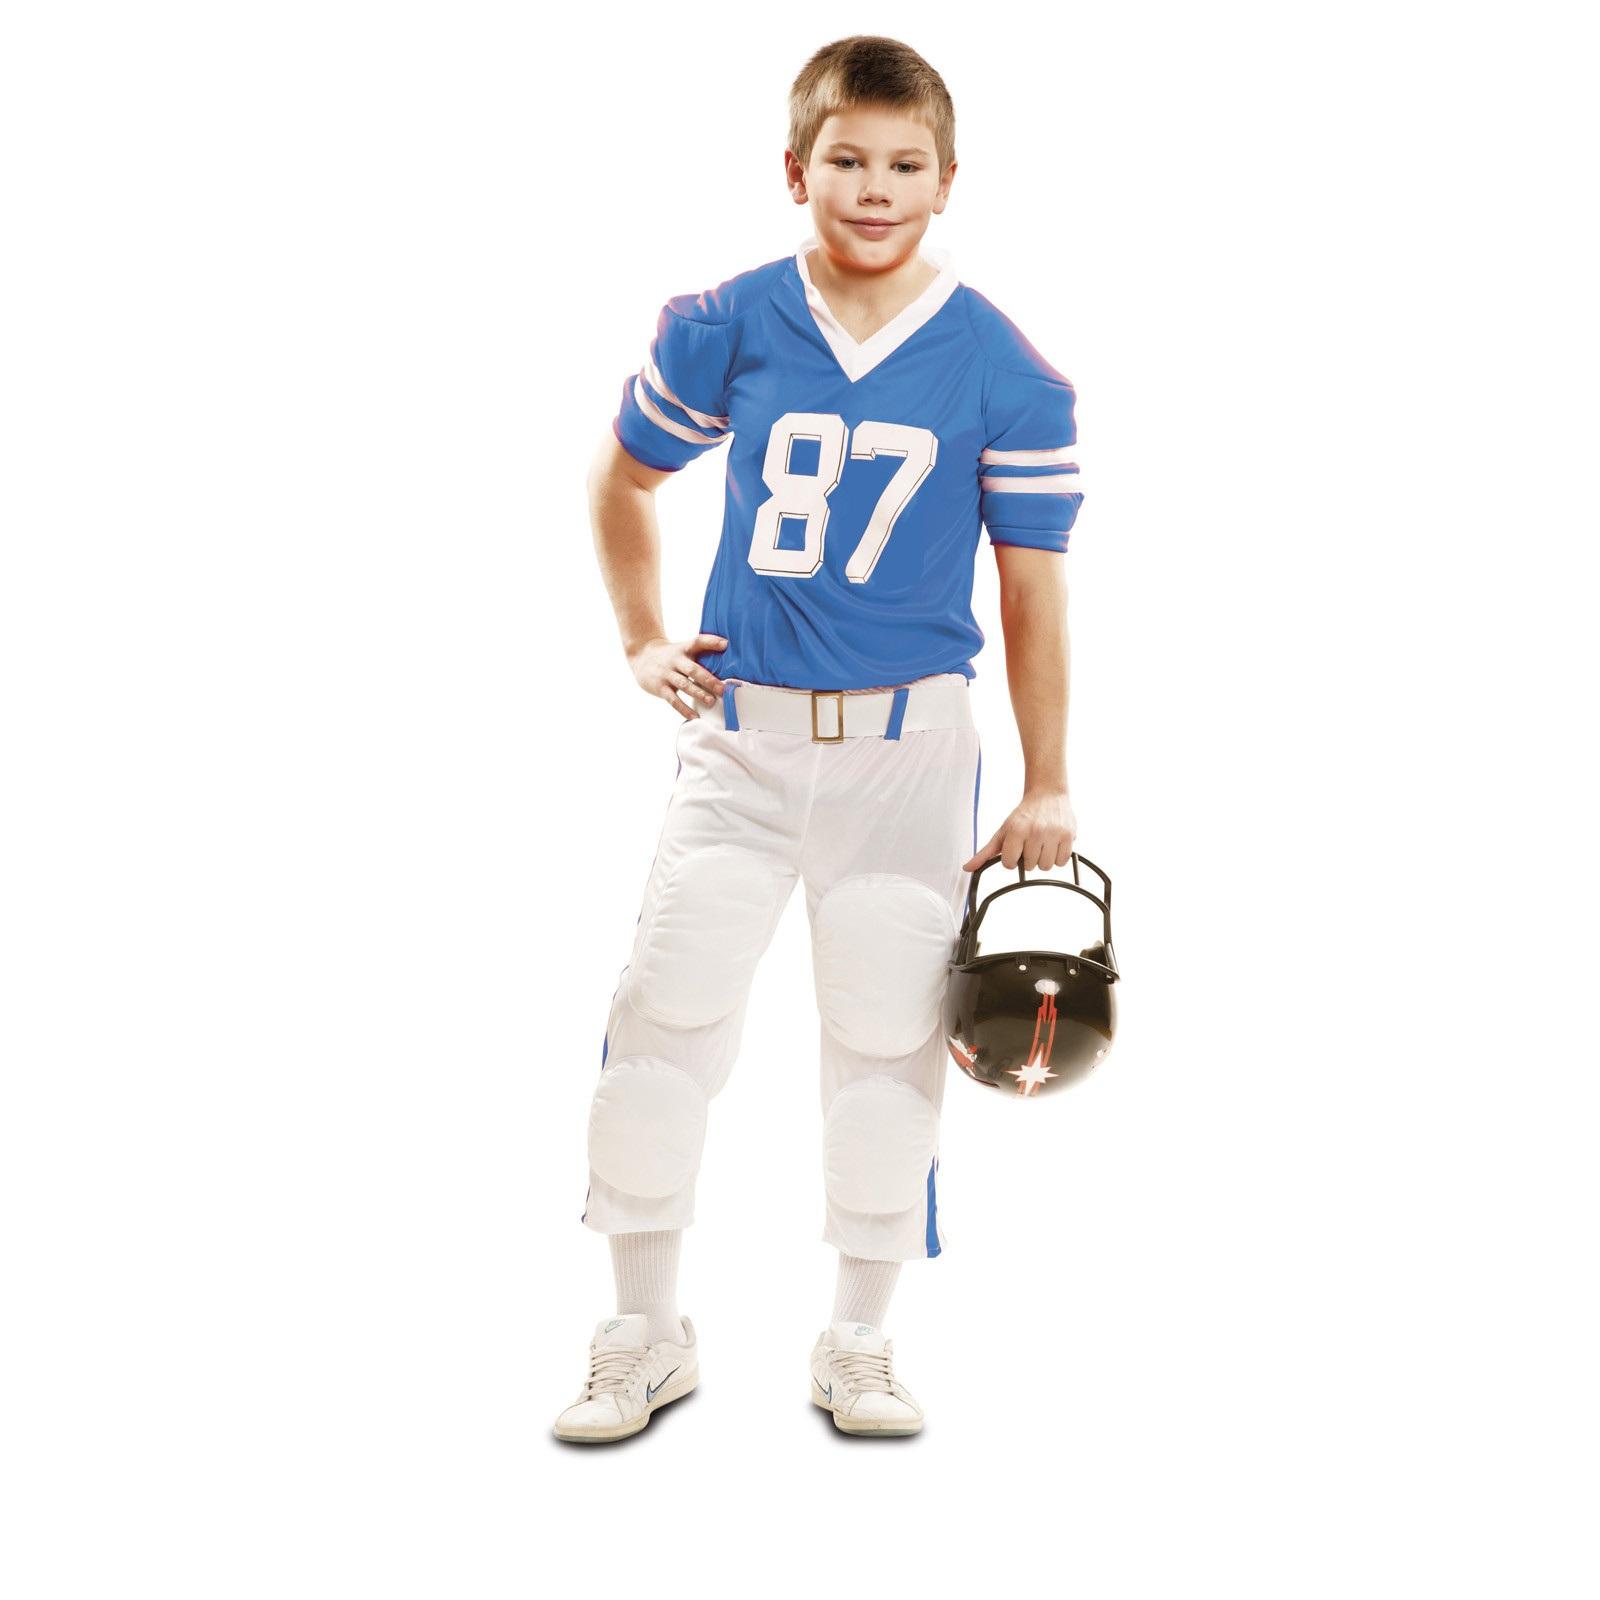 disfraz jugador rugby azul niño 202108mom - DISFRAZ DE JUGADOR RUGBY AZUL NIÑO